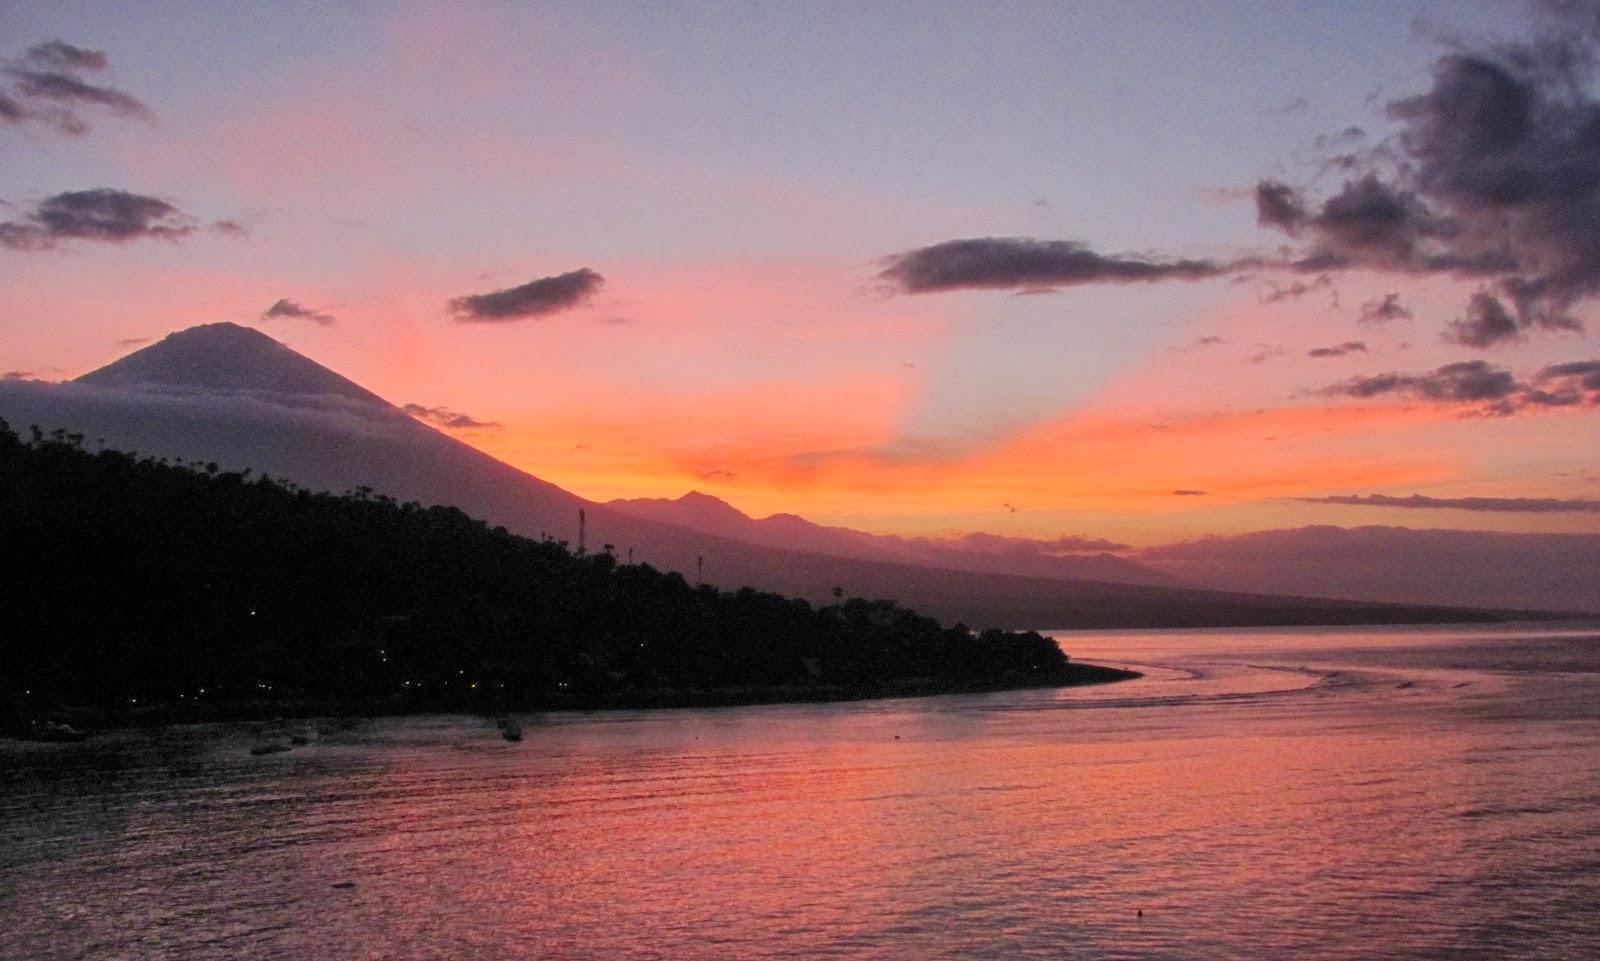 Hack Brains Pantai Amed Karangasem Bali Sunset Gunung Agung Sunrise